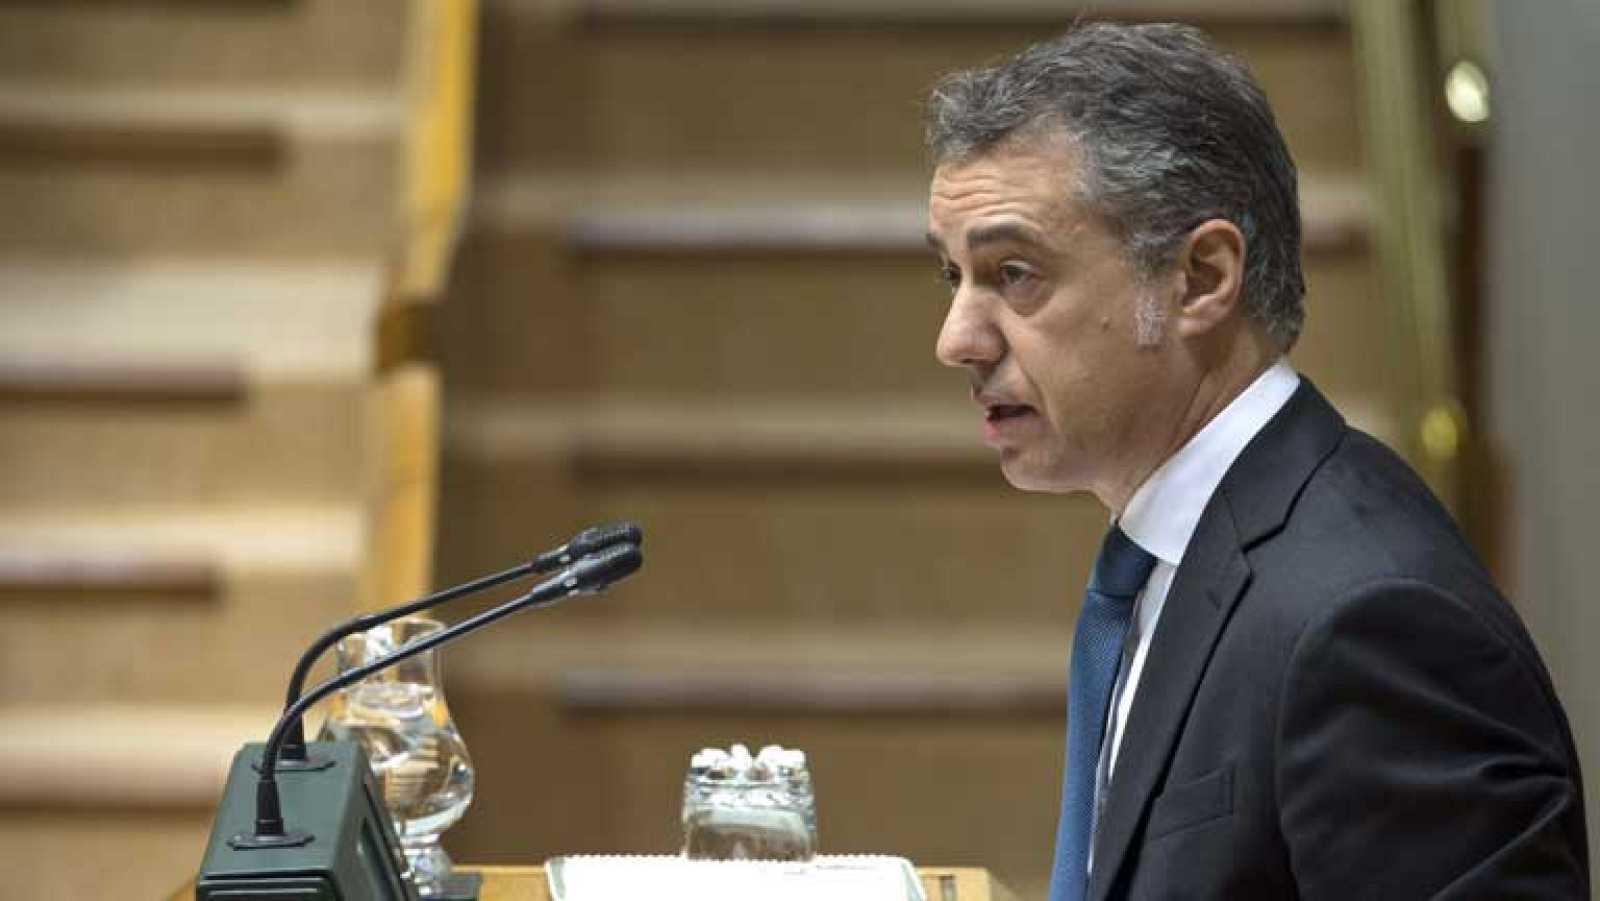 Fern ndez d az aclara al gobierno vasco sus declaraciones for Declaraciones del ministro del interior